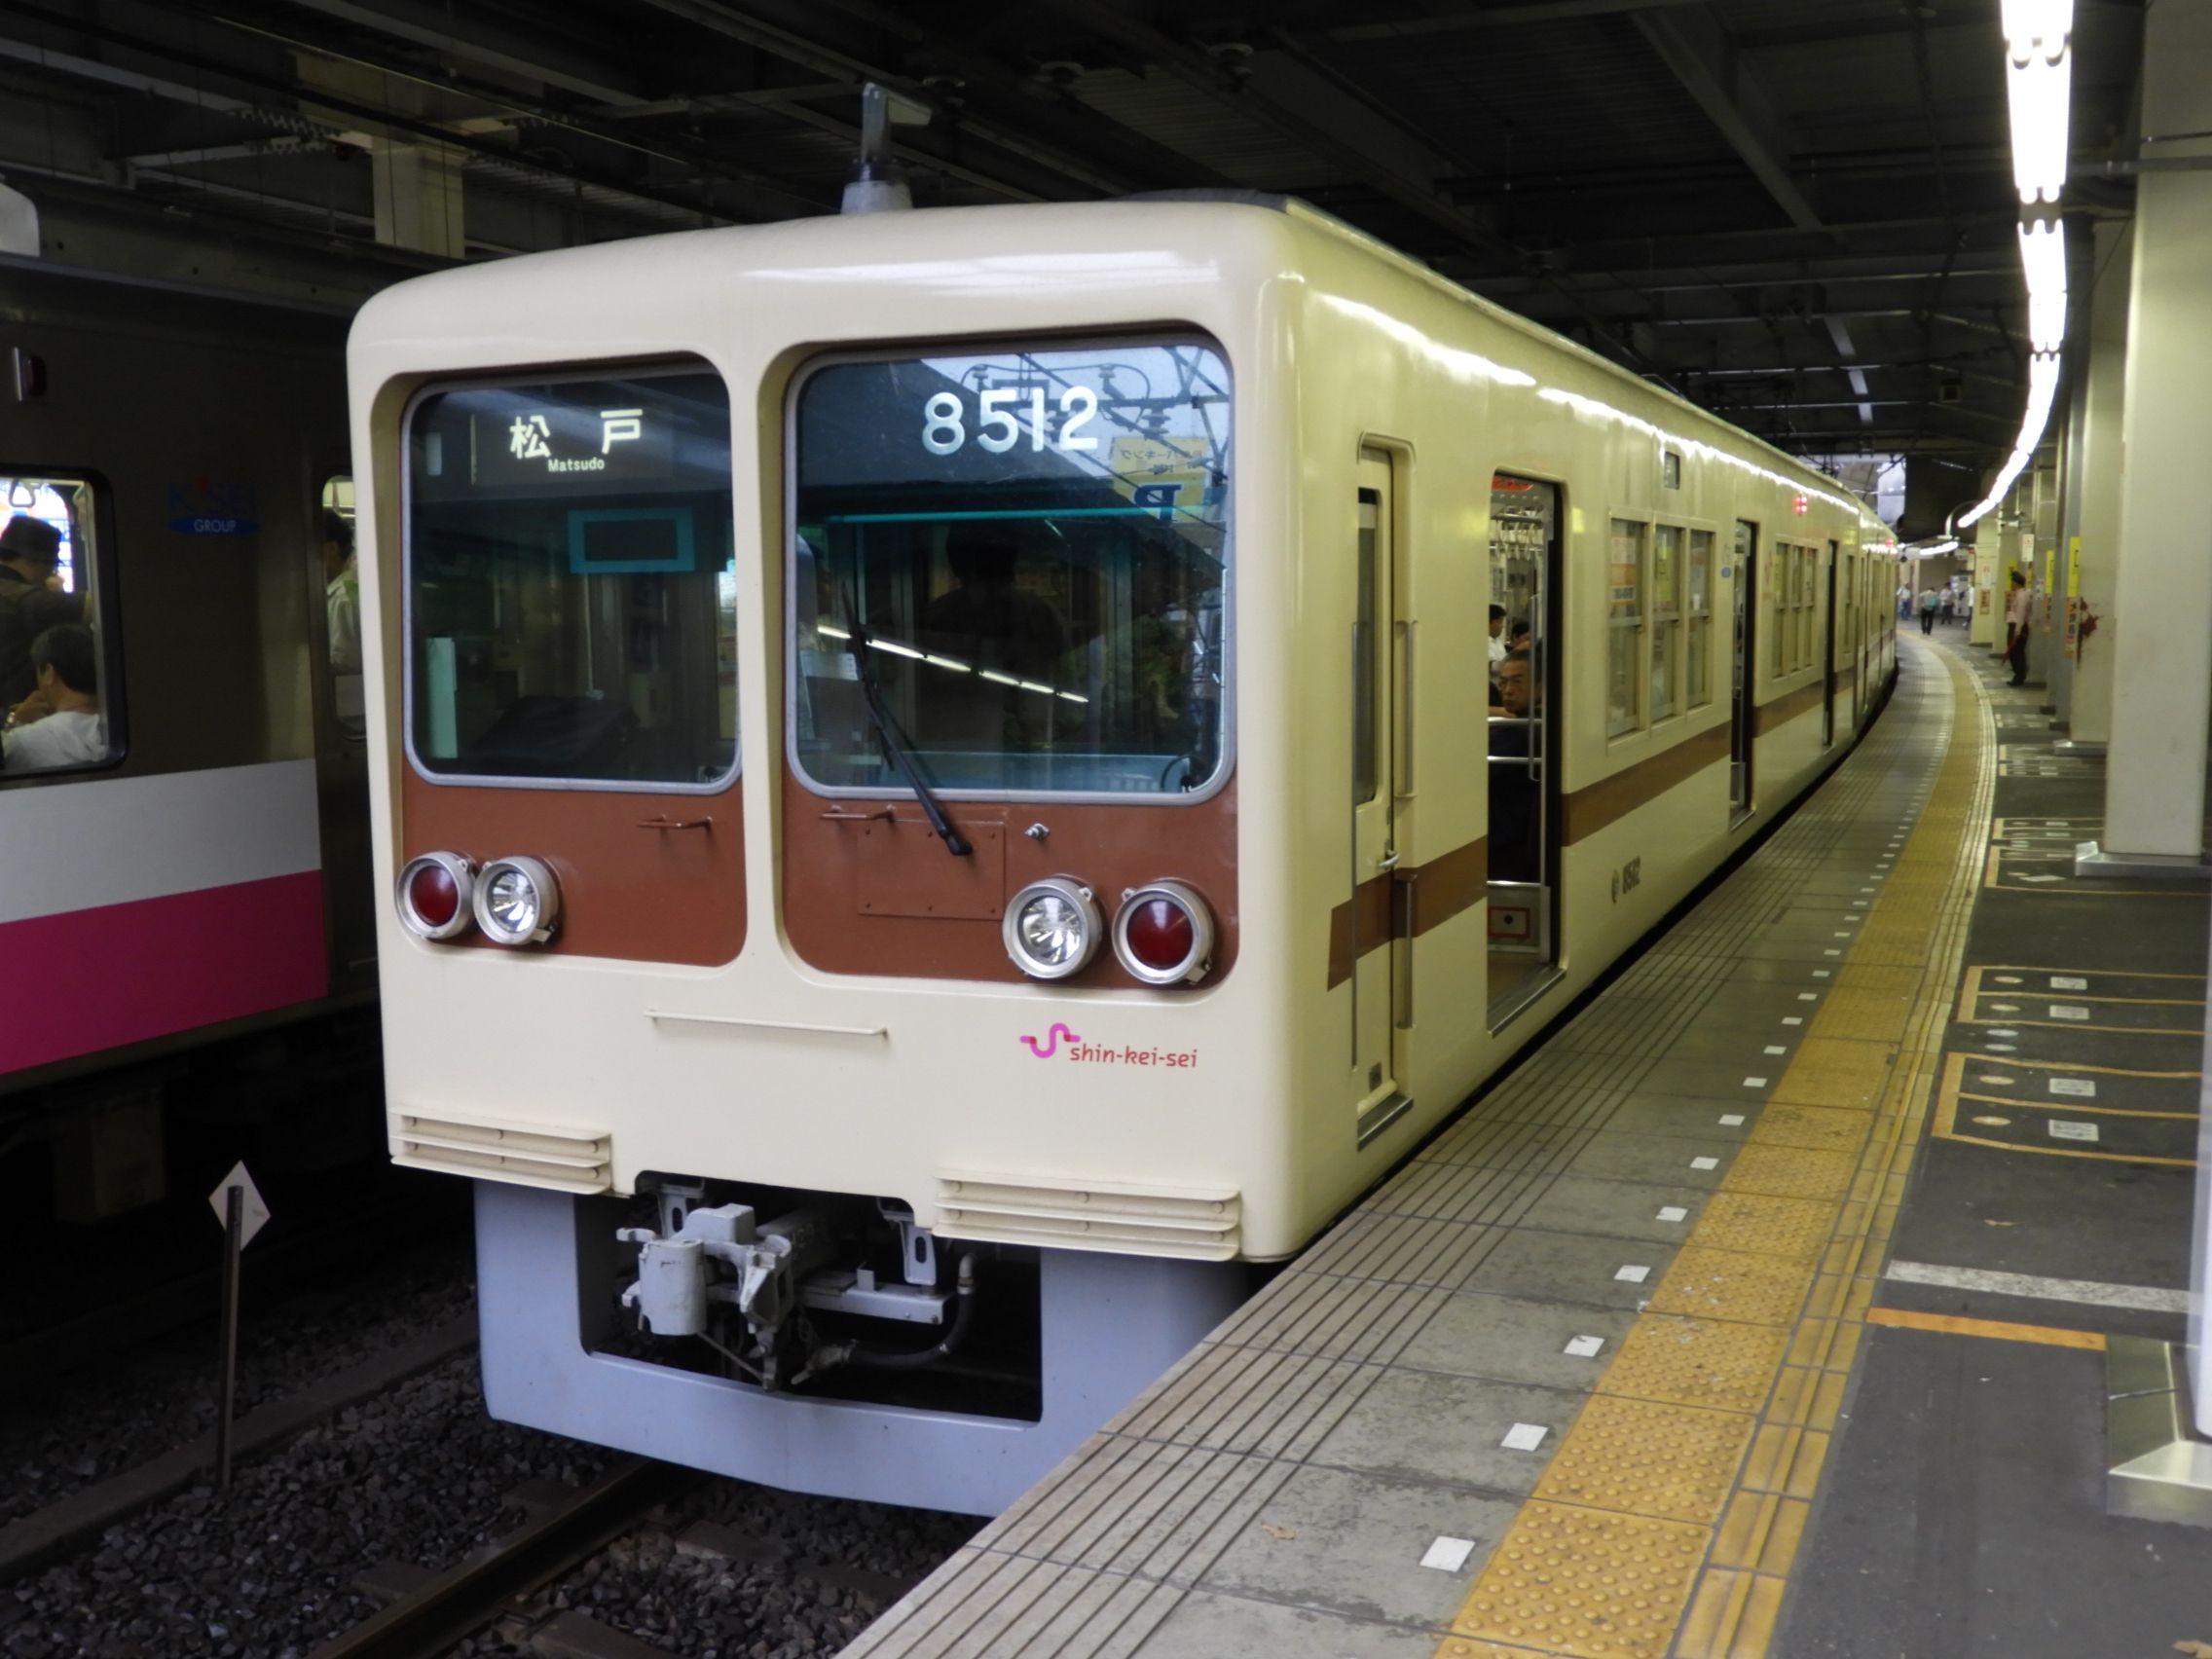 新京成電鉄8000形 | わさびくま日記 - 楽天ブログ